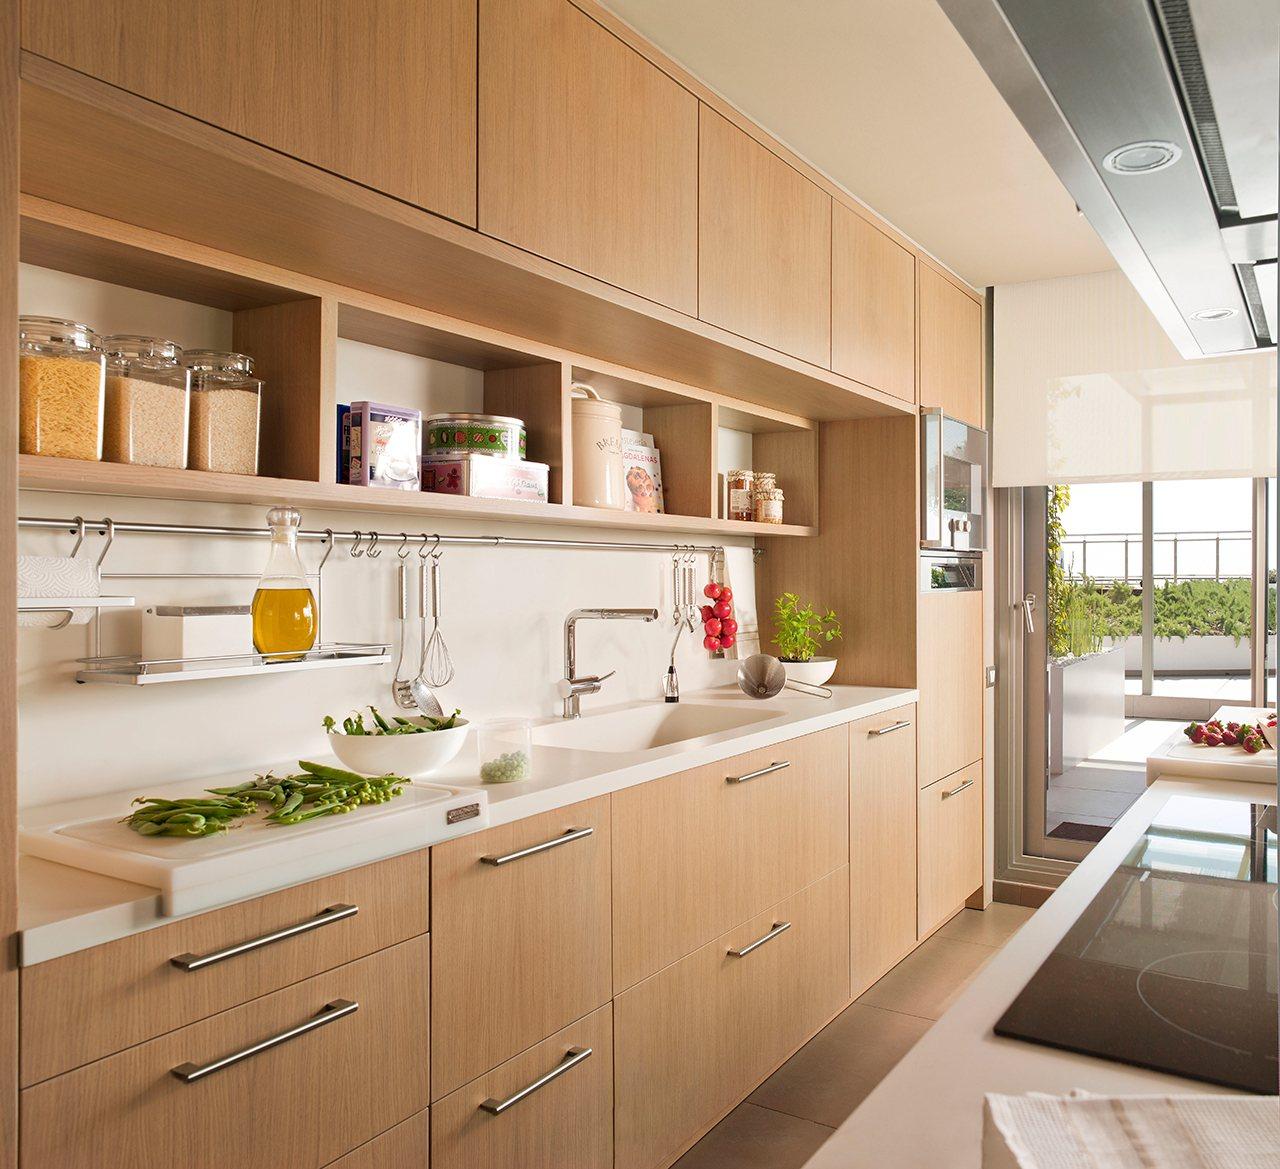 Ideas para aprovechar el espacio en las cocinas peque as for Idea interior muebles